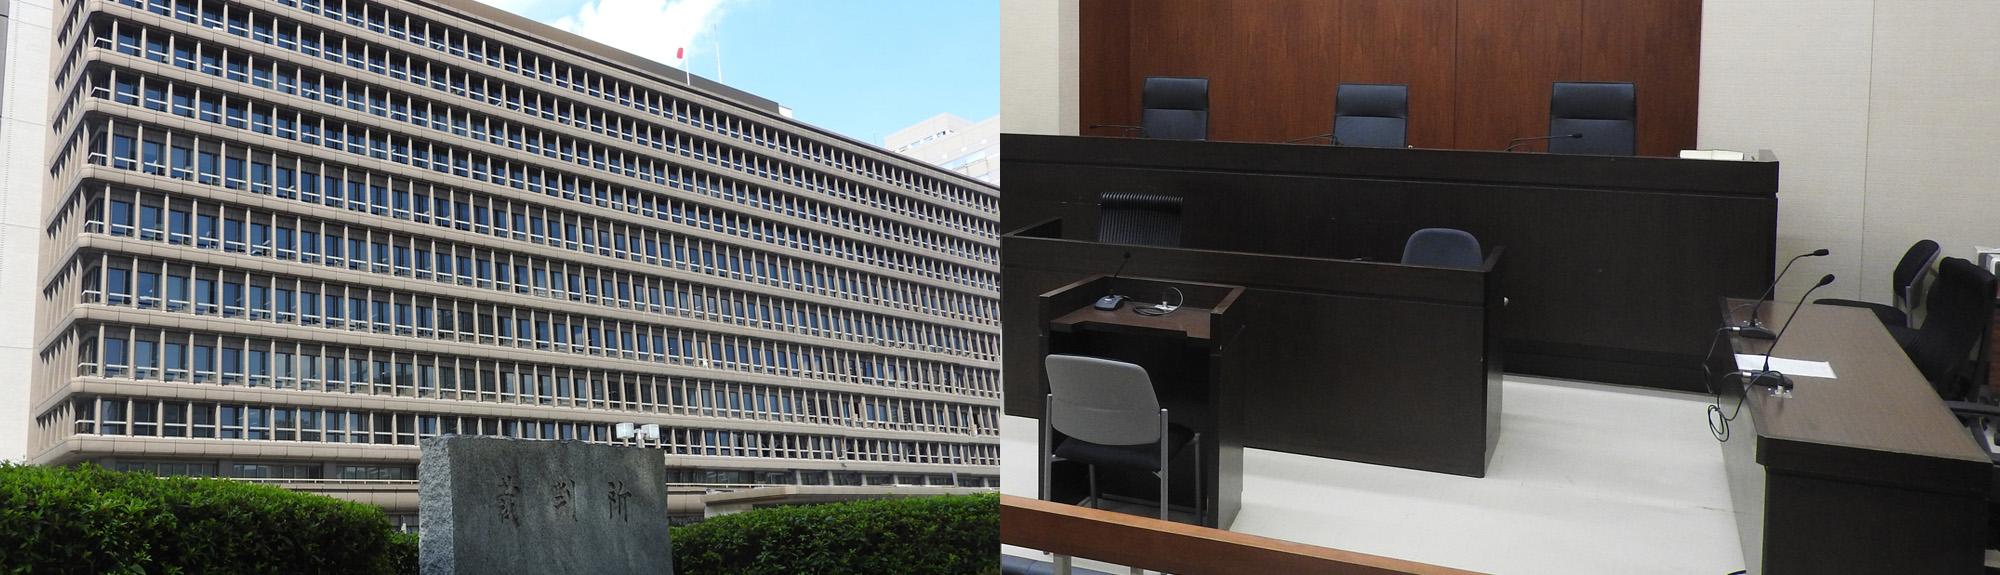 大阪高等裁判所|裁判所